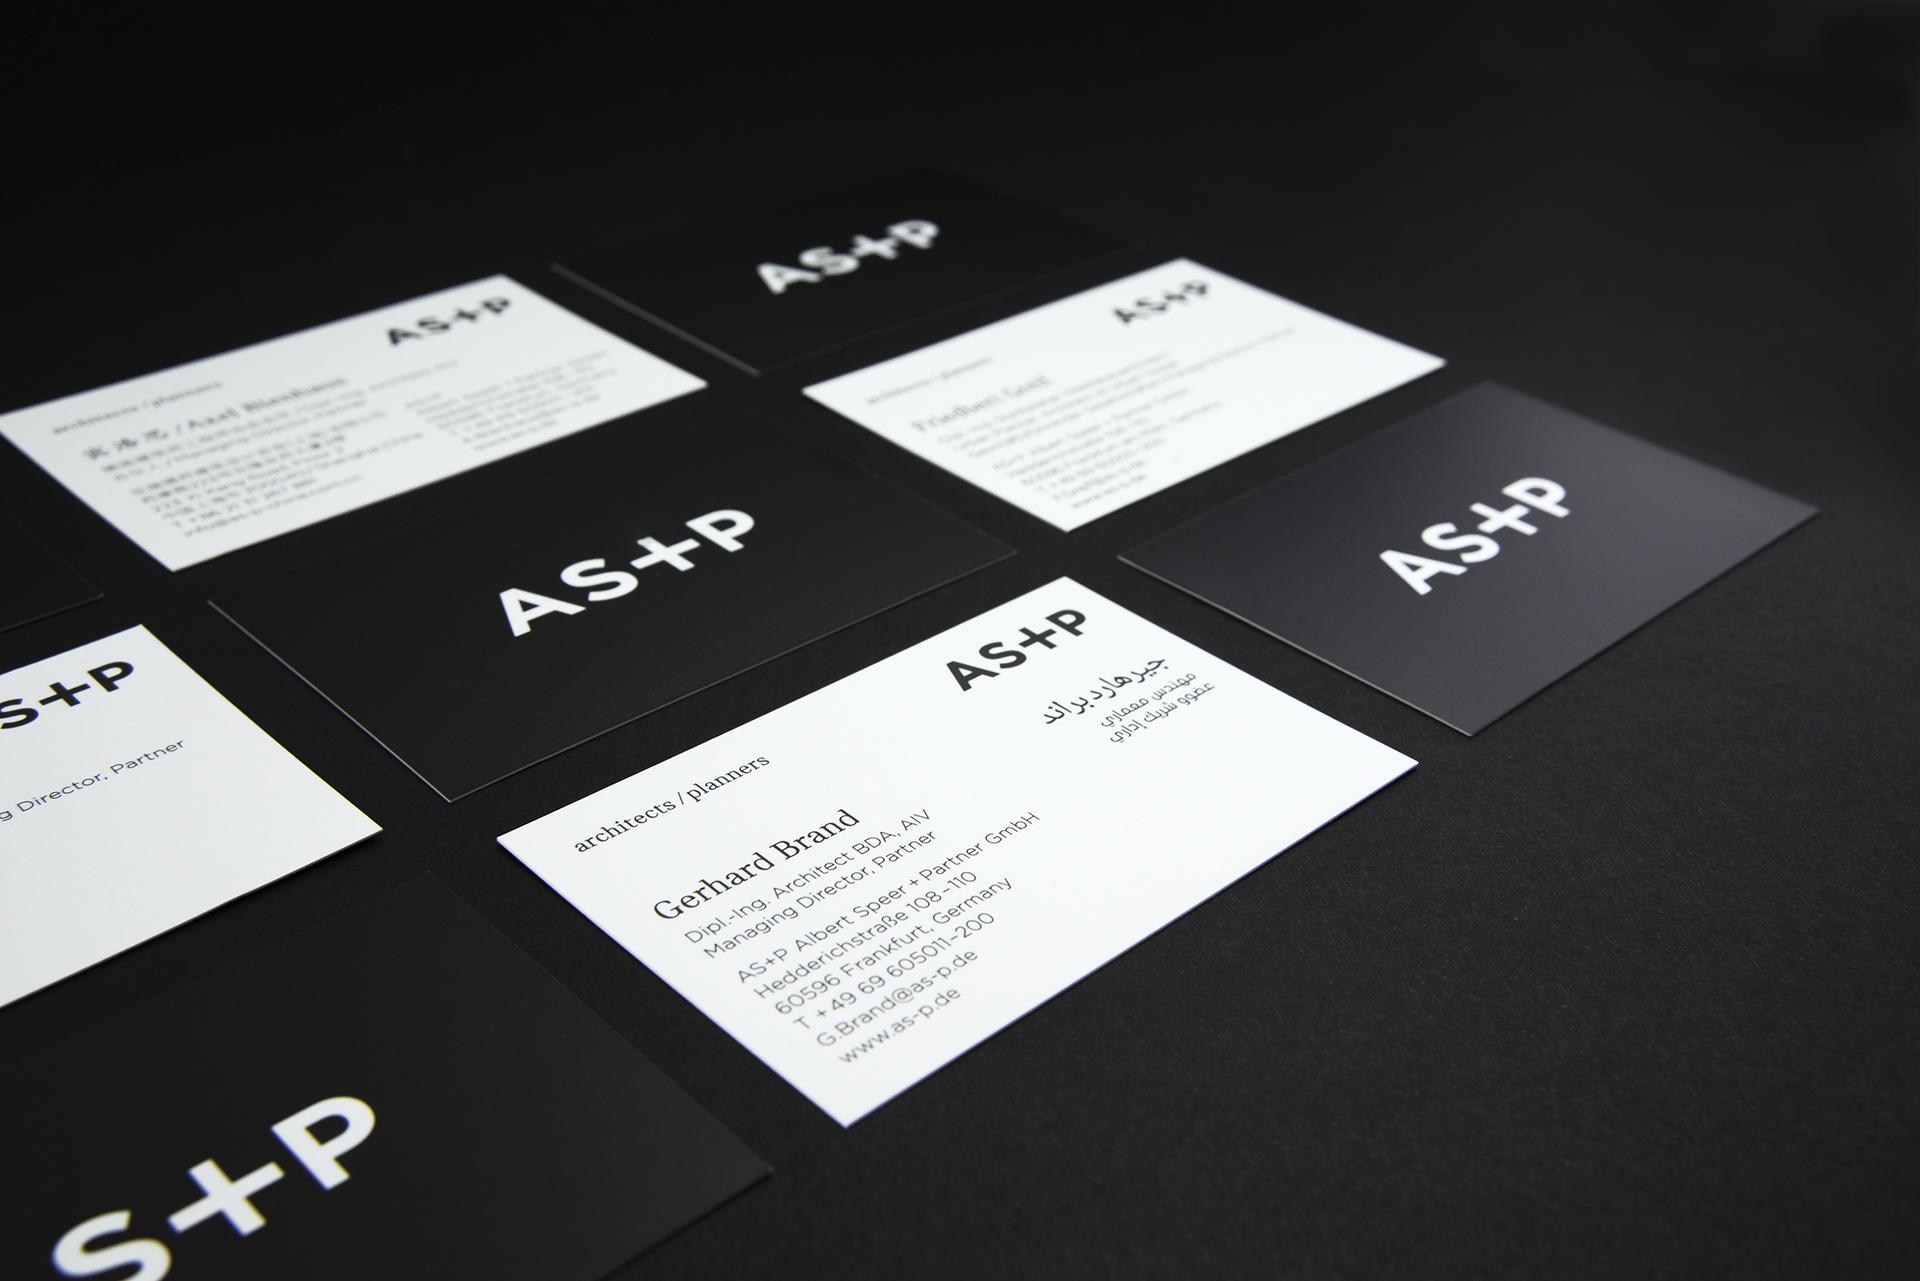 quandel-staudt-design-asp_geschaeftsausstattung_07